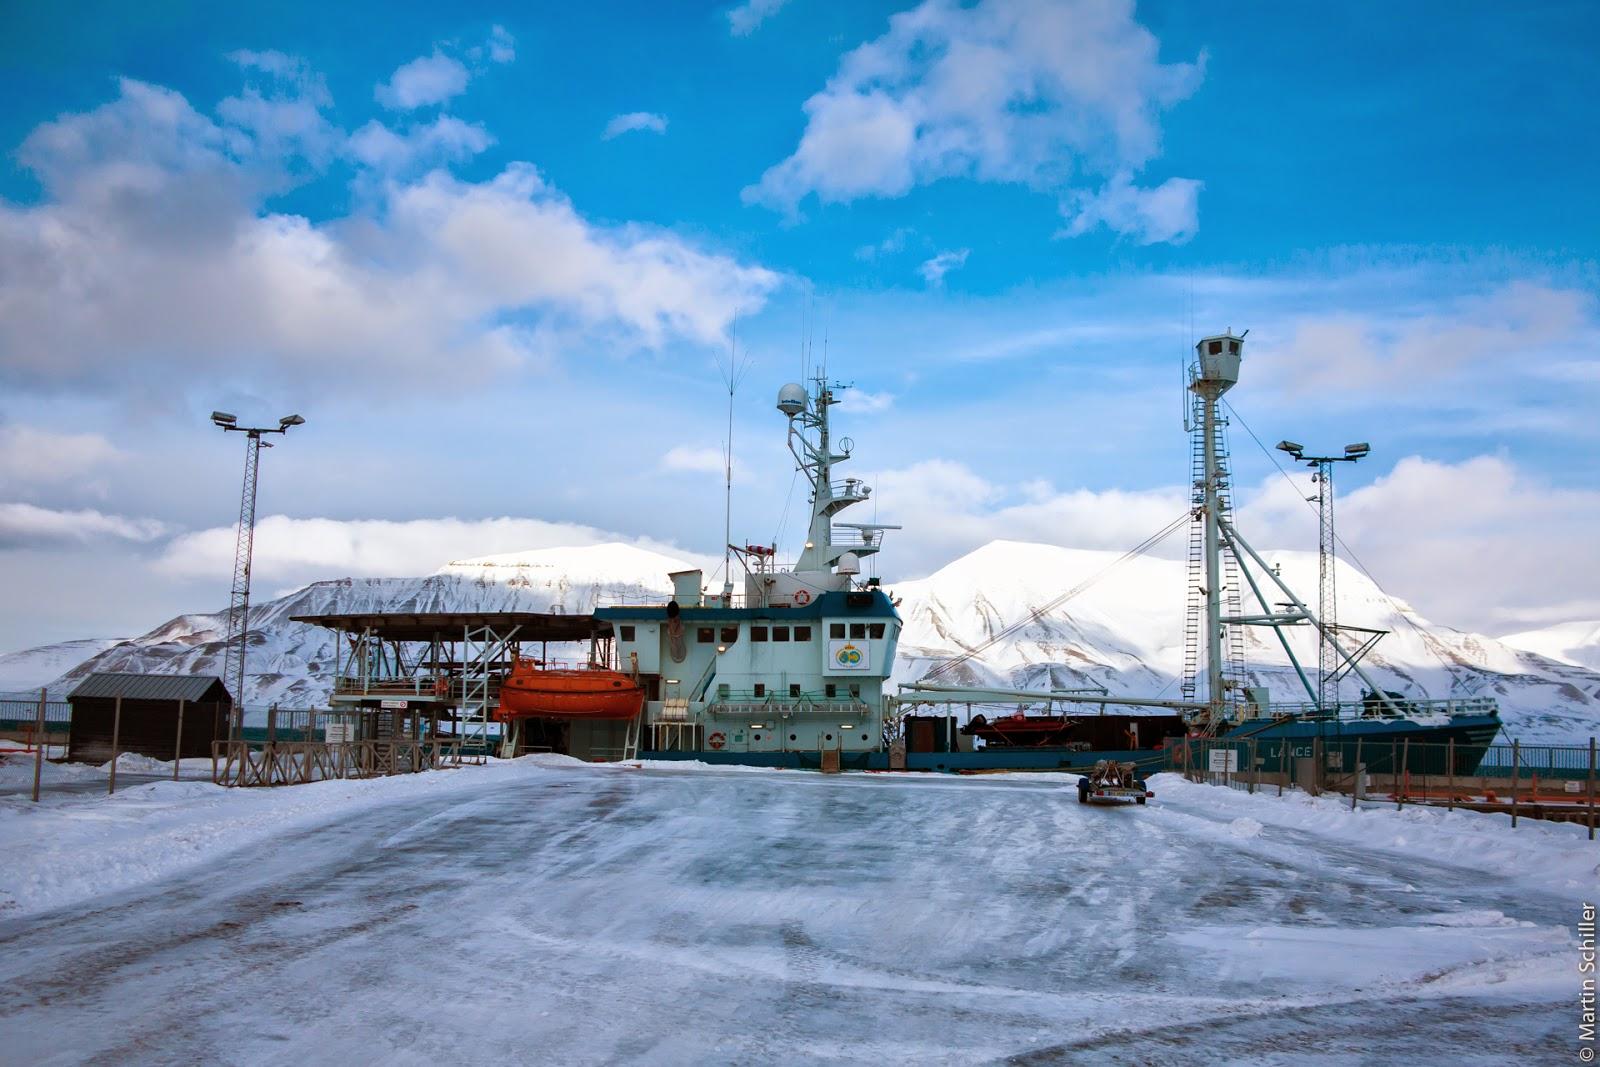 Eis-Routen-Optimierung in der Arktis